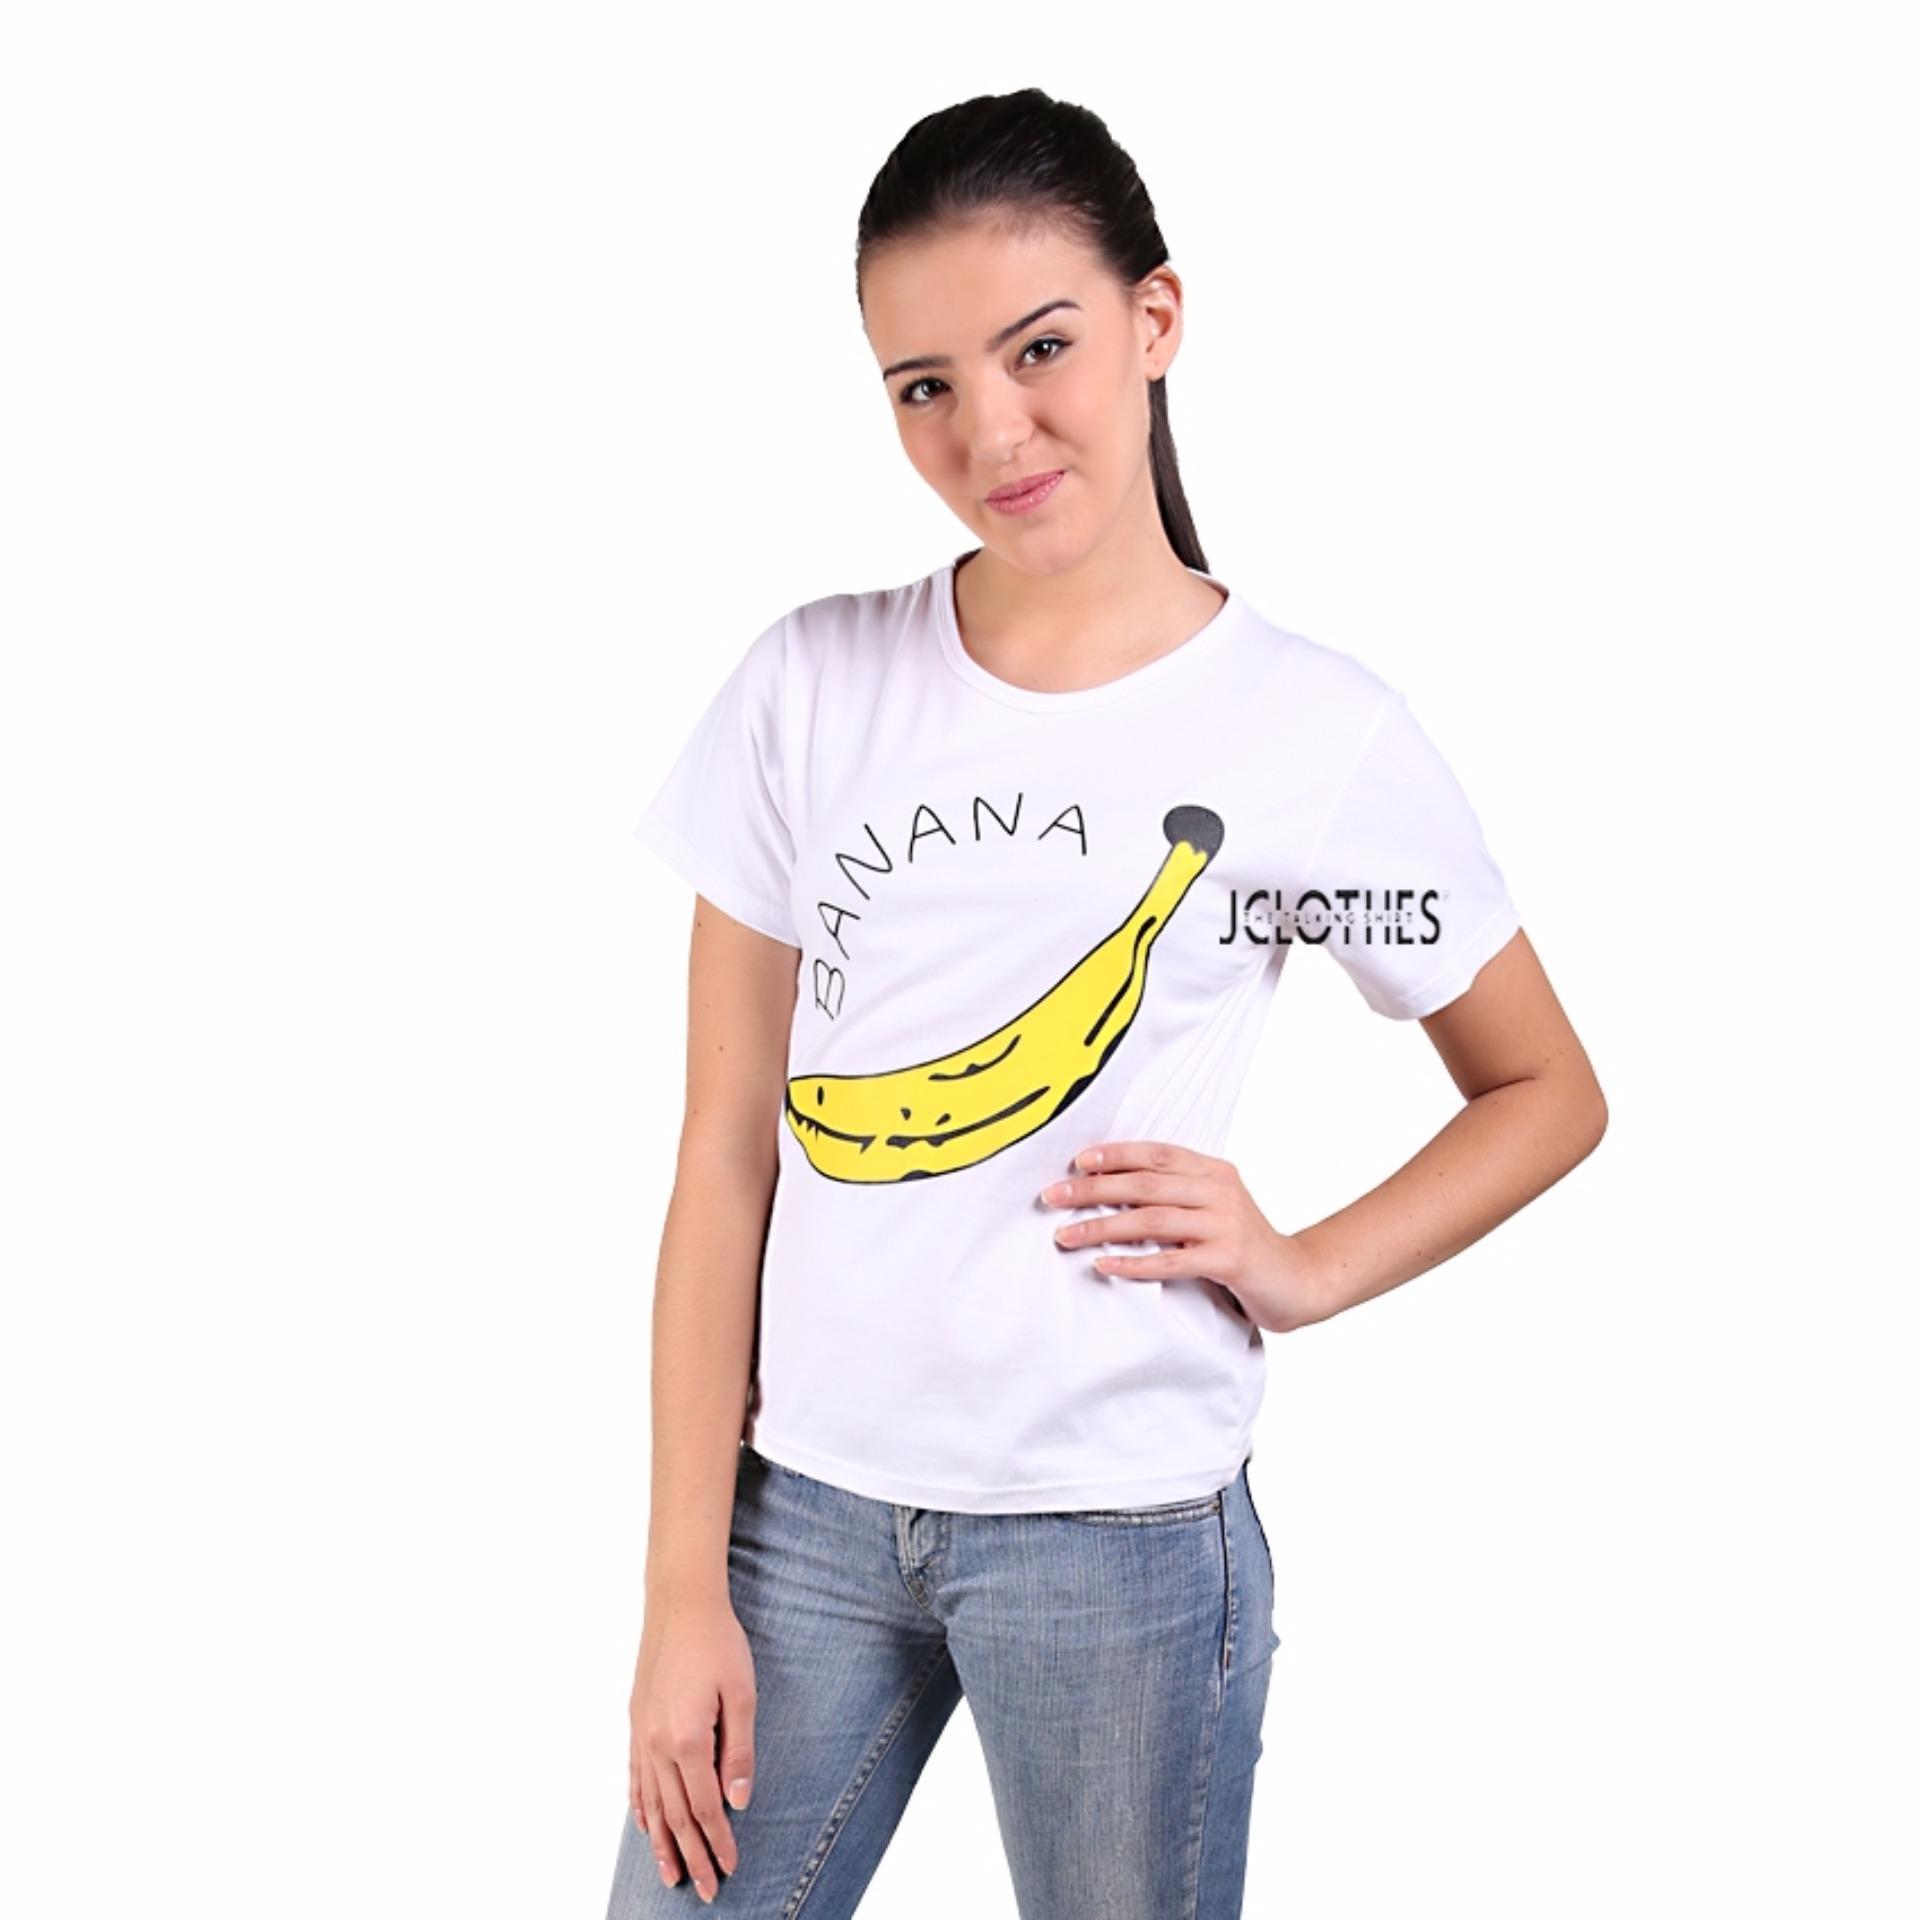 JCLOTHES Kaos Cewe / Tumblr Tee / Kaos Wanita Banana - Putih